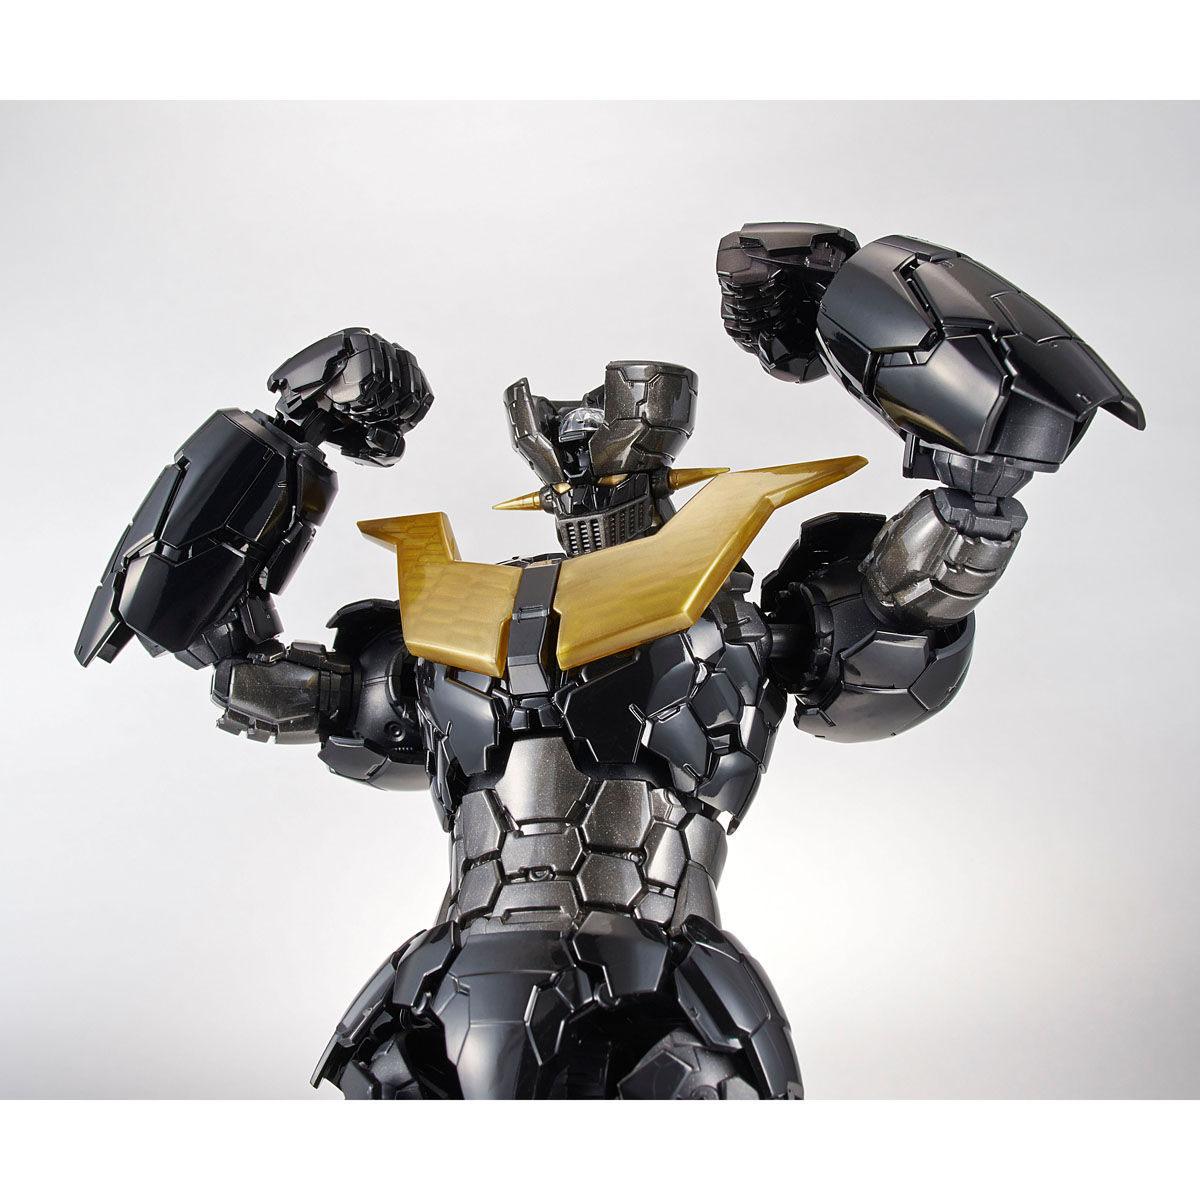 【限定販売】HG 1/144『マジンガーZ ブラックVer.(マジンガーZ INFINITY Ver.)』プラモデル-006